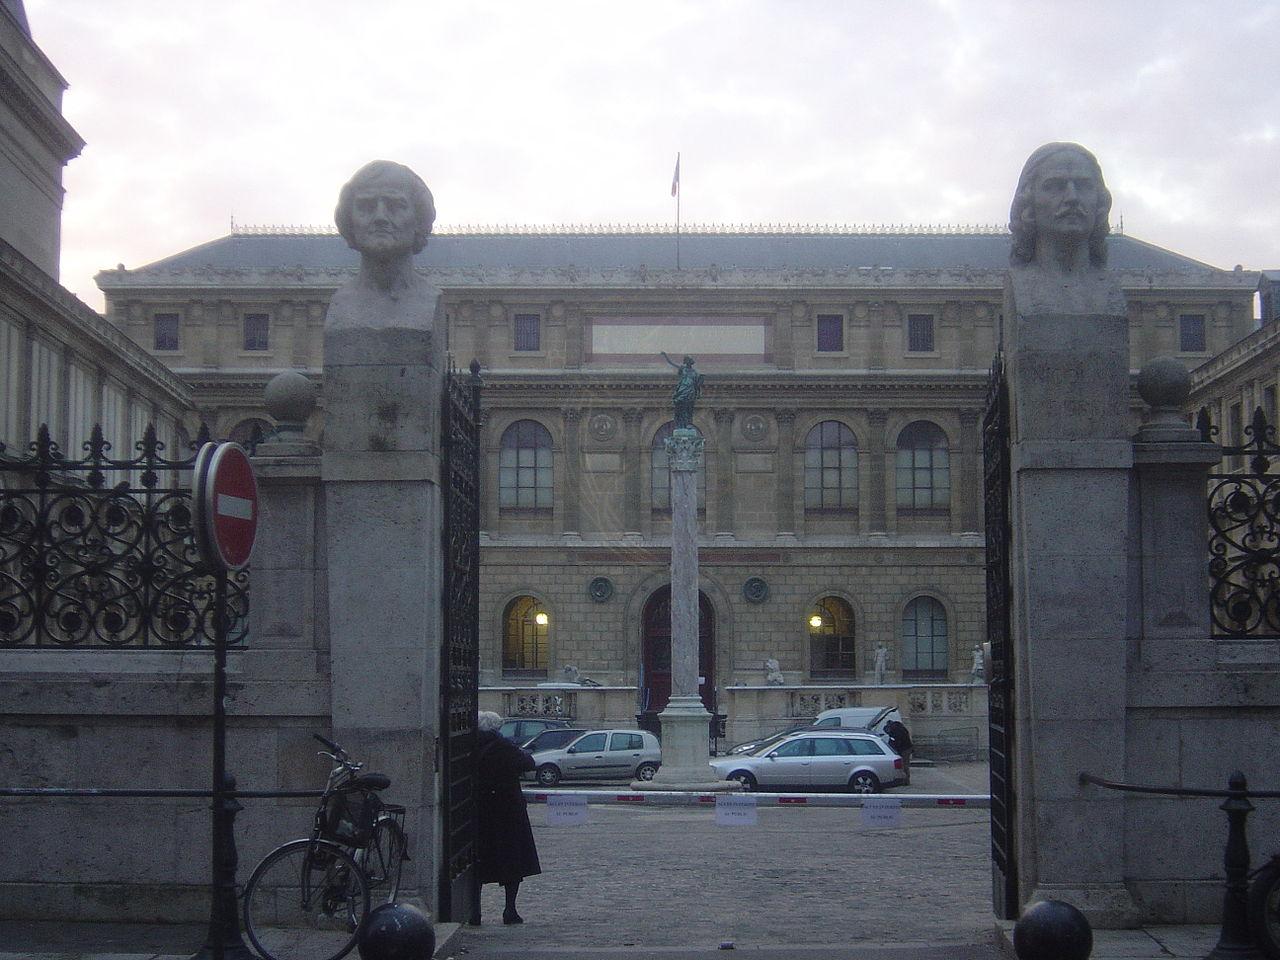 File ecole des beaux arts paris main entrance 2011 jpg wikimedia commons - Ecole des beaux arts paris ...